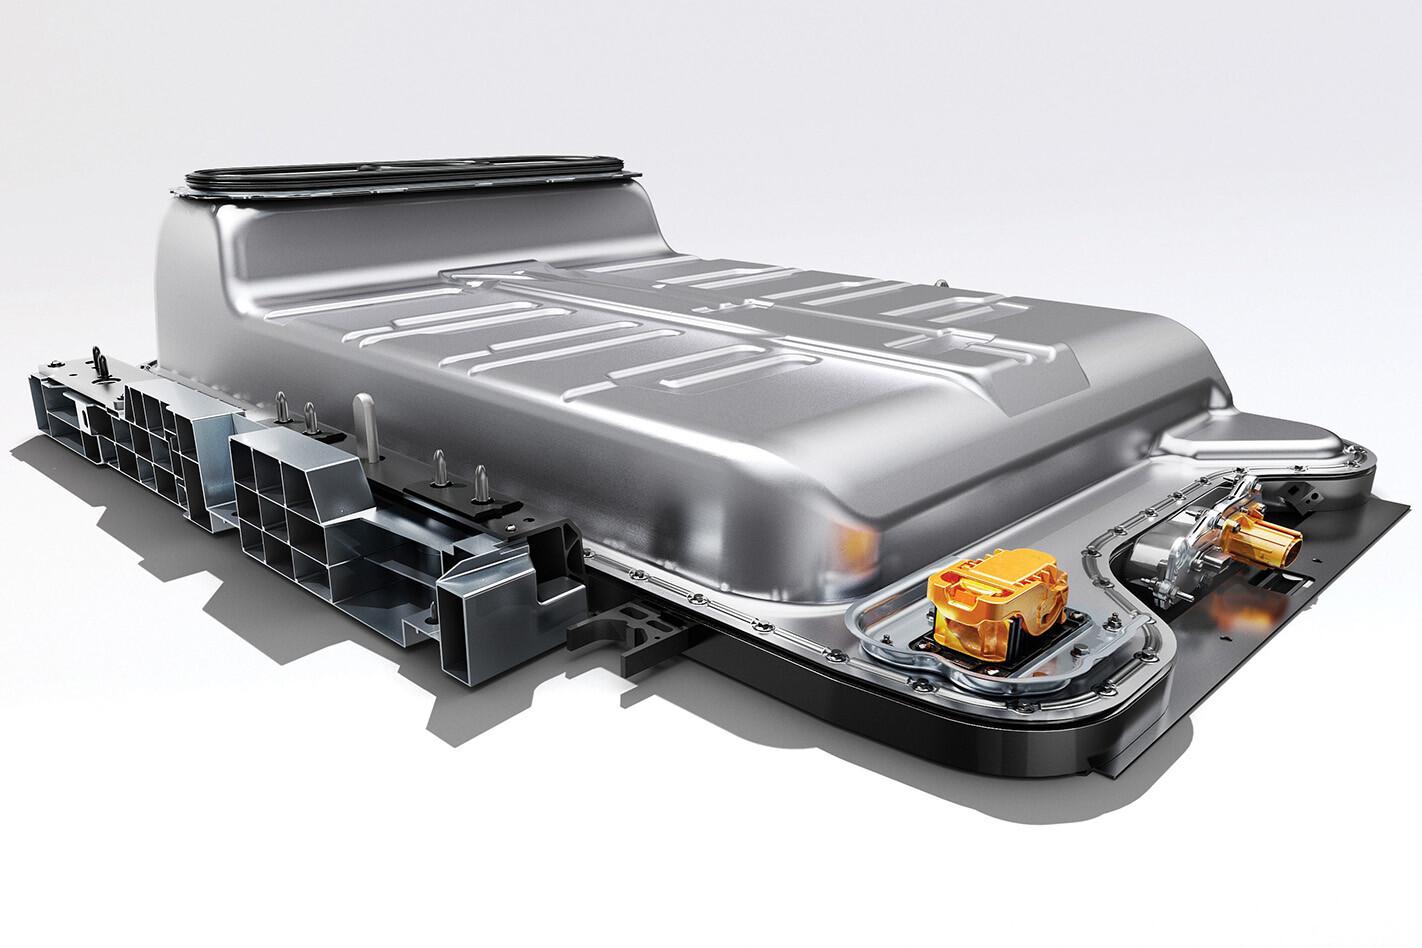 2020 renault zoe battery